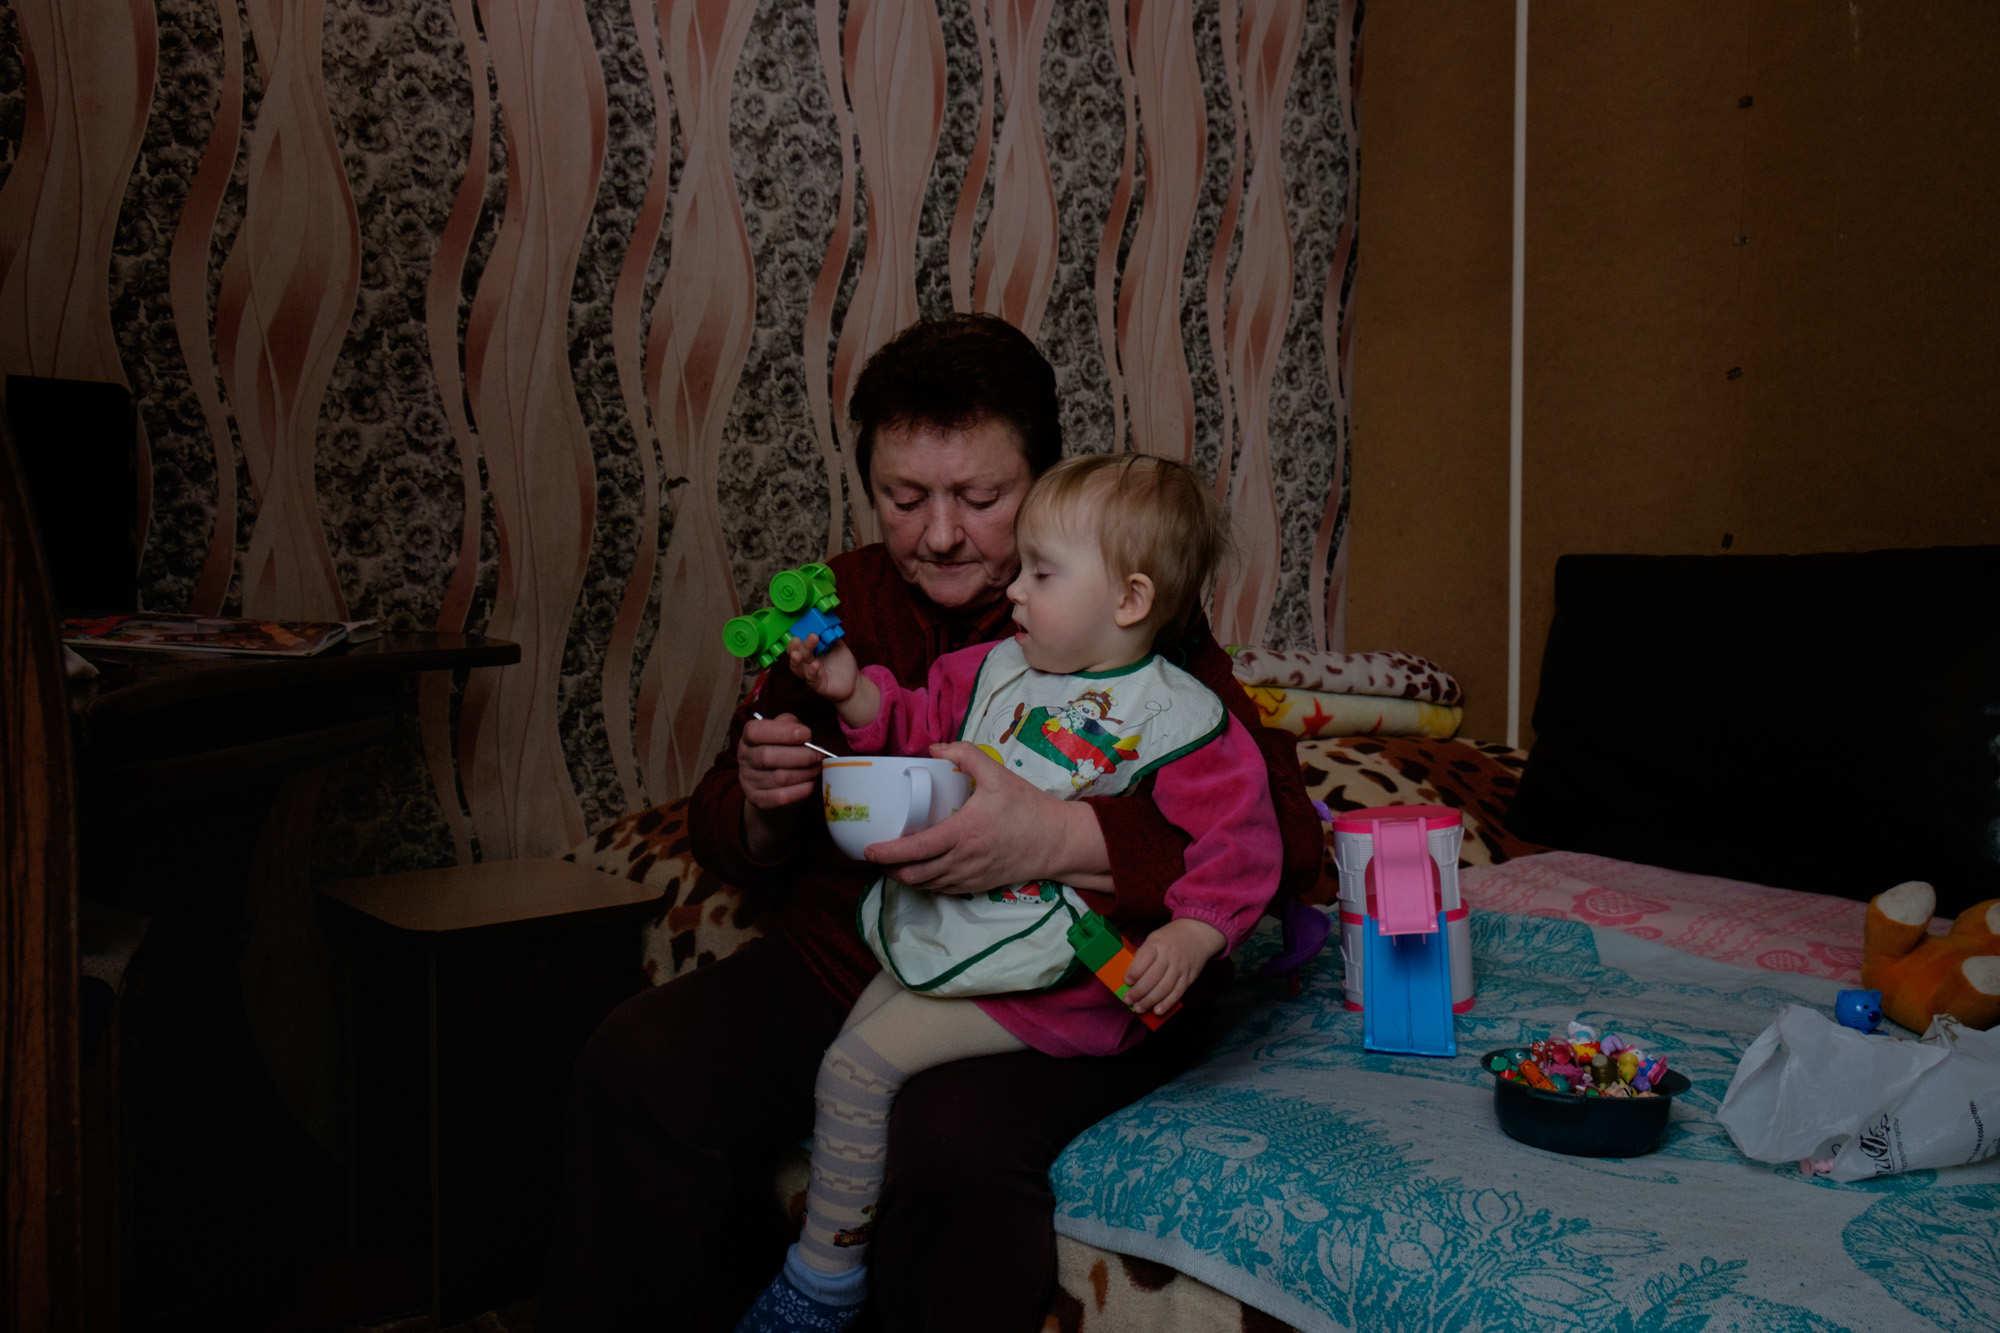 Валентина Кришталева присматривает за младшей внучкой. Валентина и дочь вместе со своей семьей живут в общежитии при гомельском речном порту.